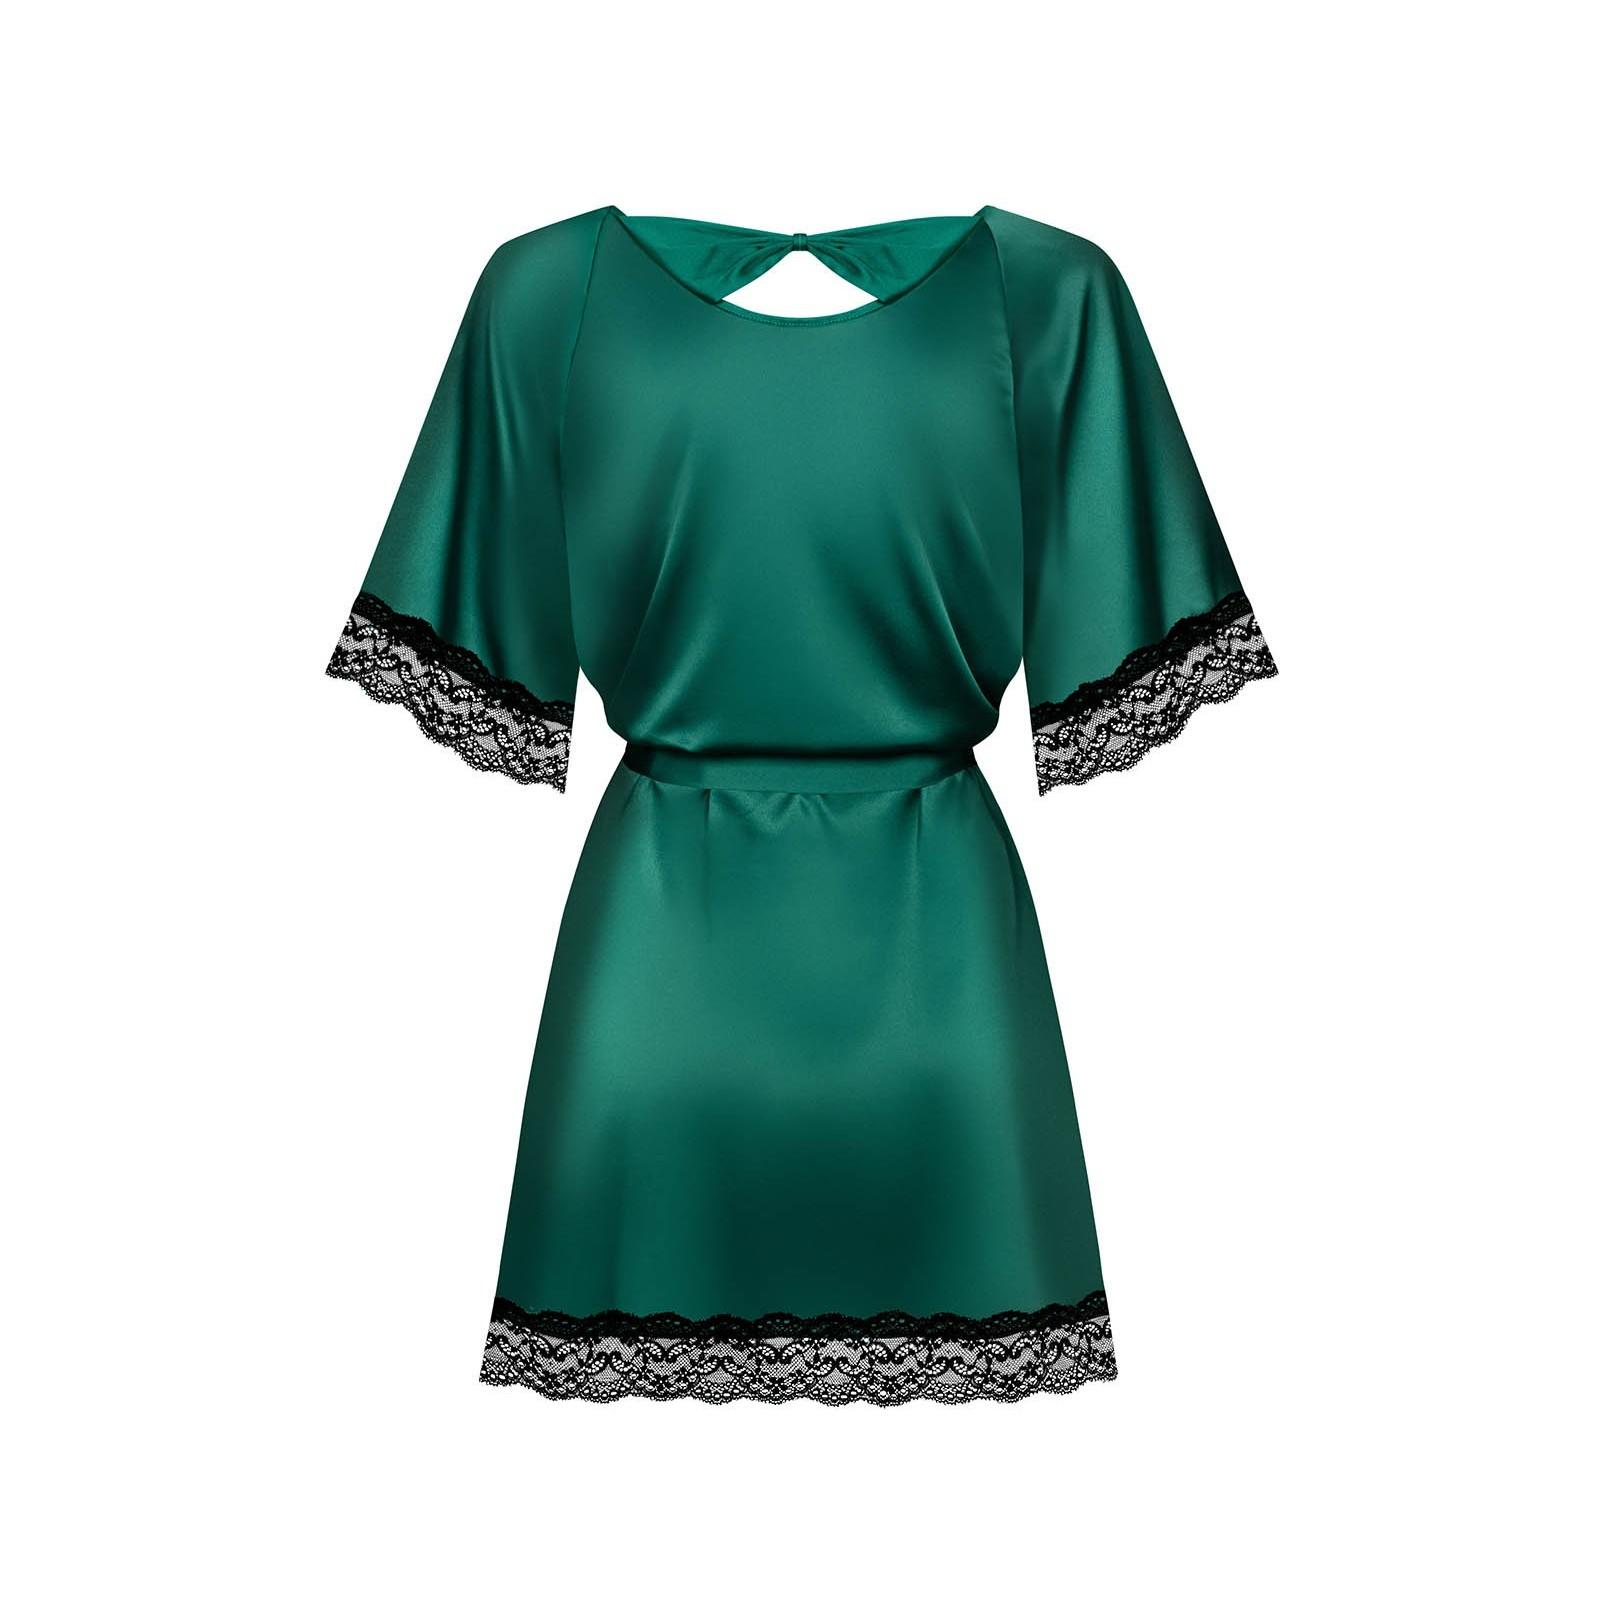 Sensuelia Robe grün - 6 - Vorschaubild